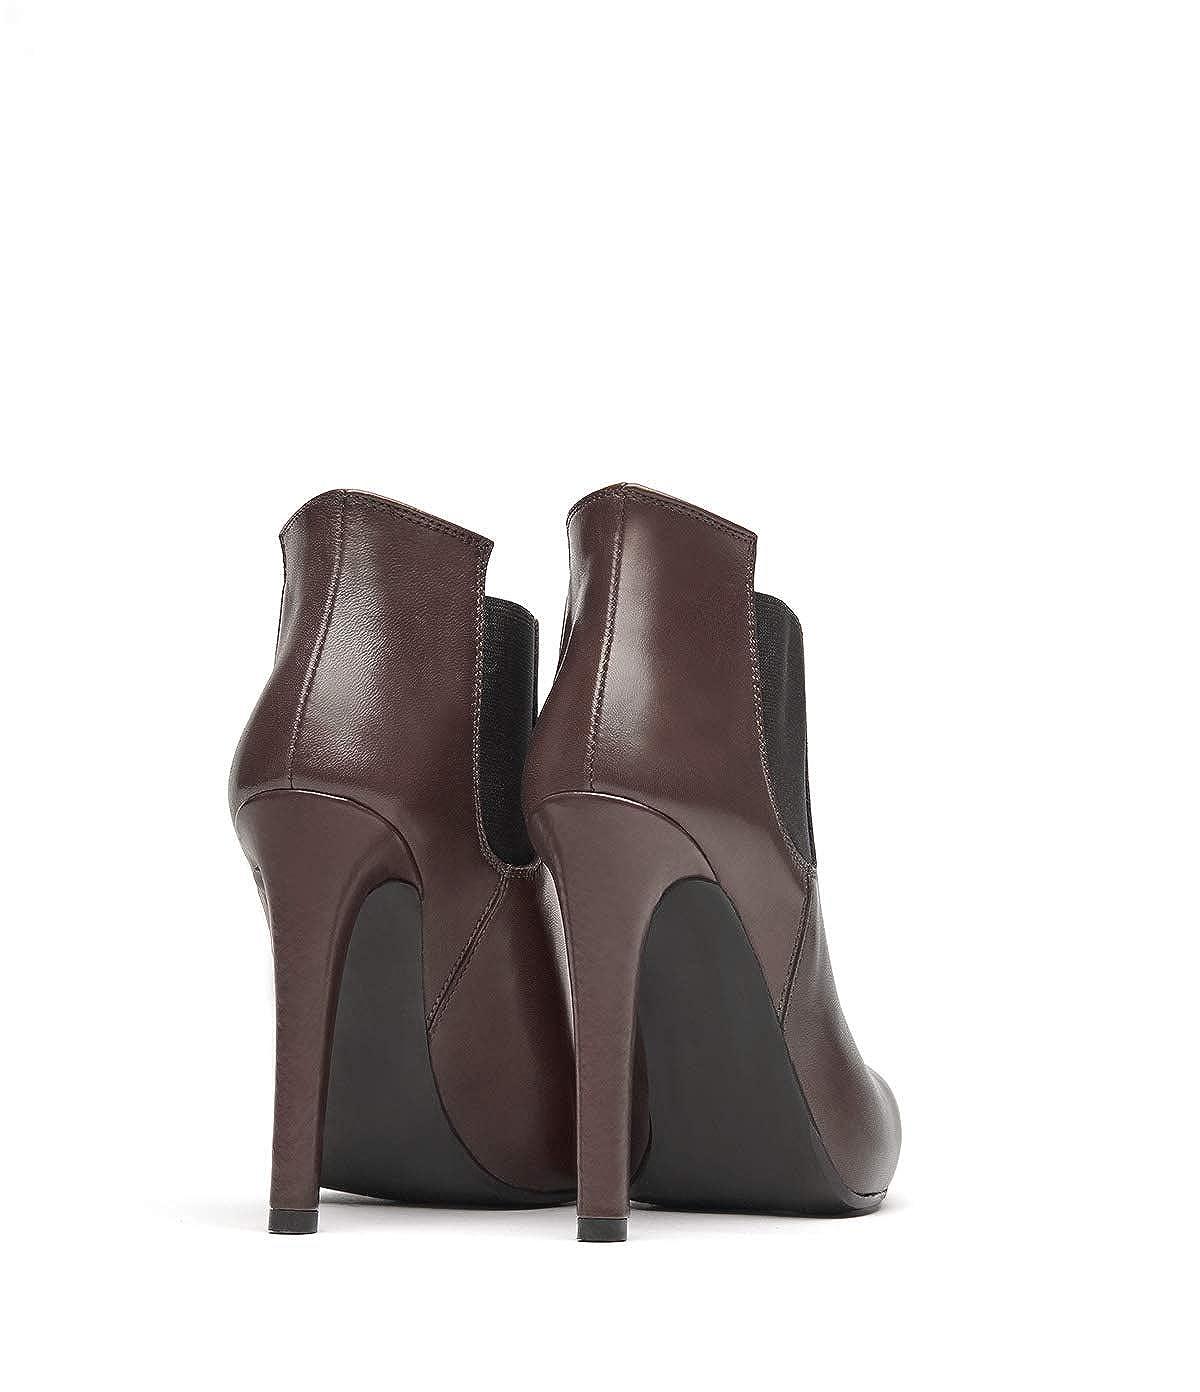 POI Lei Mujer - Zapatos de tacón Botines Liz marrón Stiletto Piel Lisa, Color Marrón, Talla 35 EU: Amazon.es: Zapatos y complementos